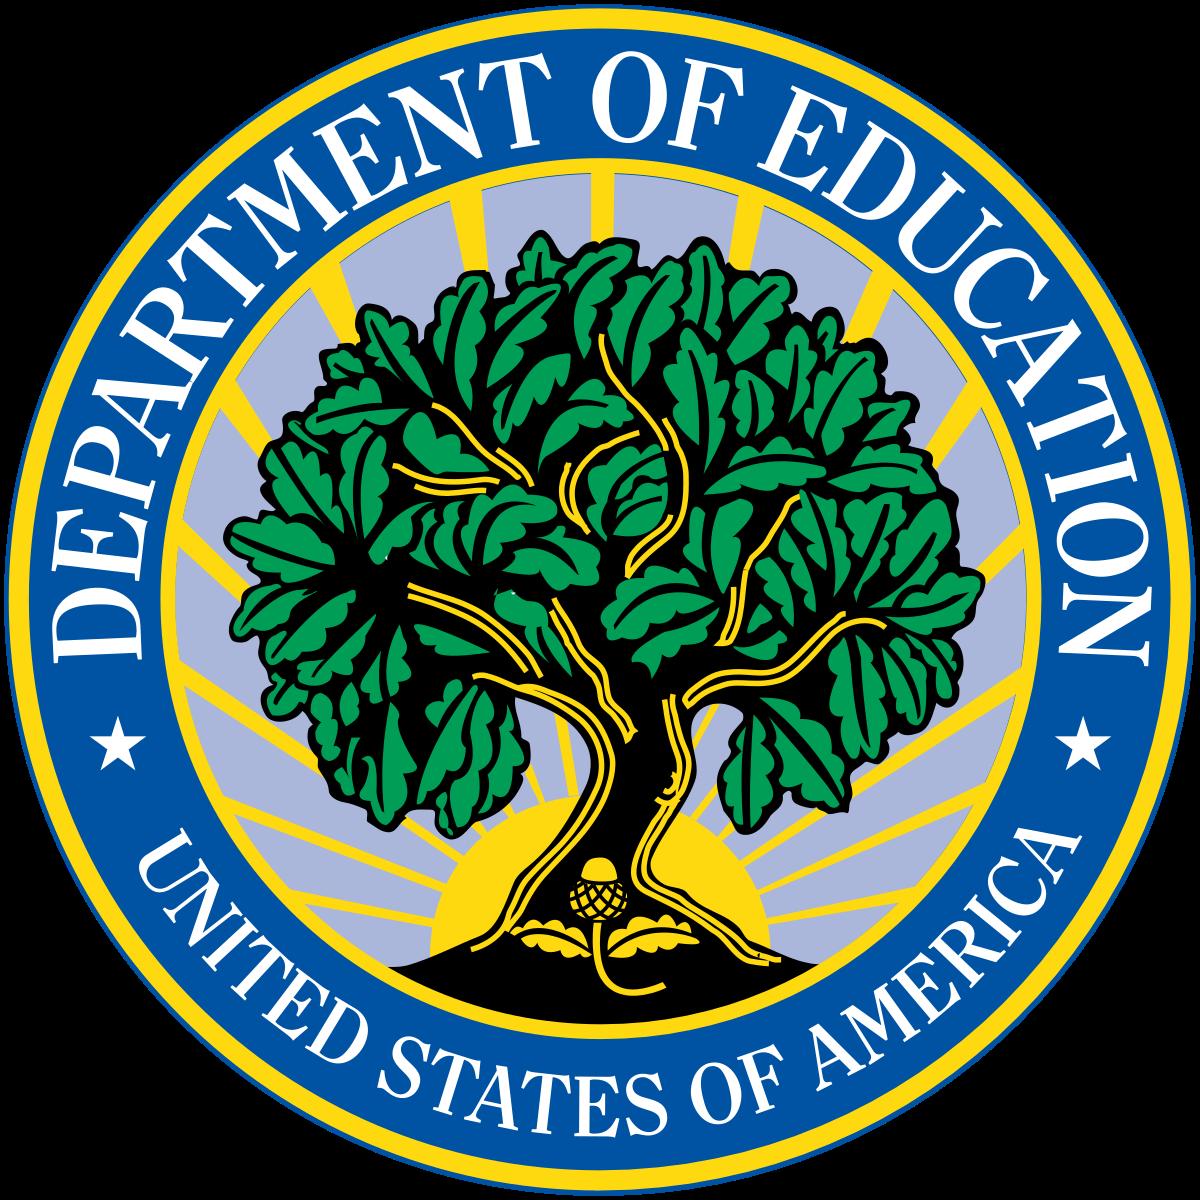 Departamento de Educación de los Estados Unidos.